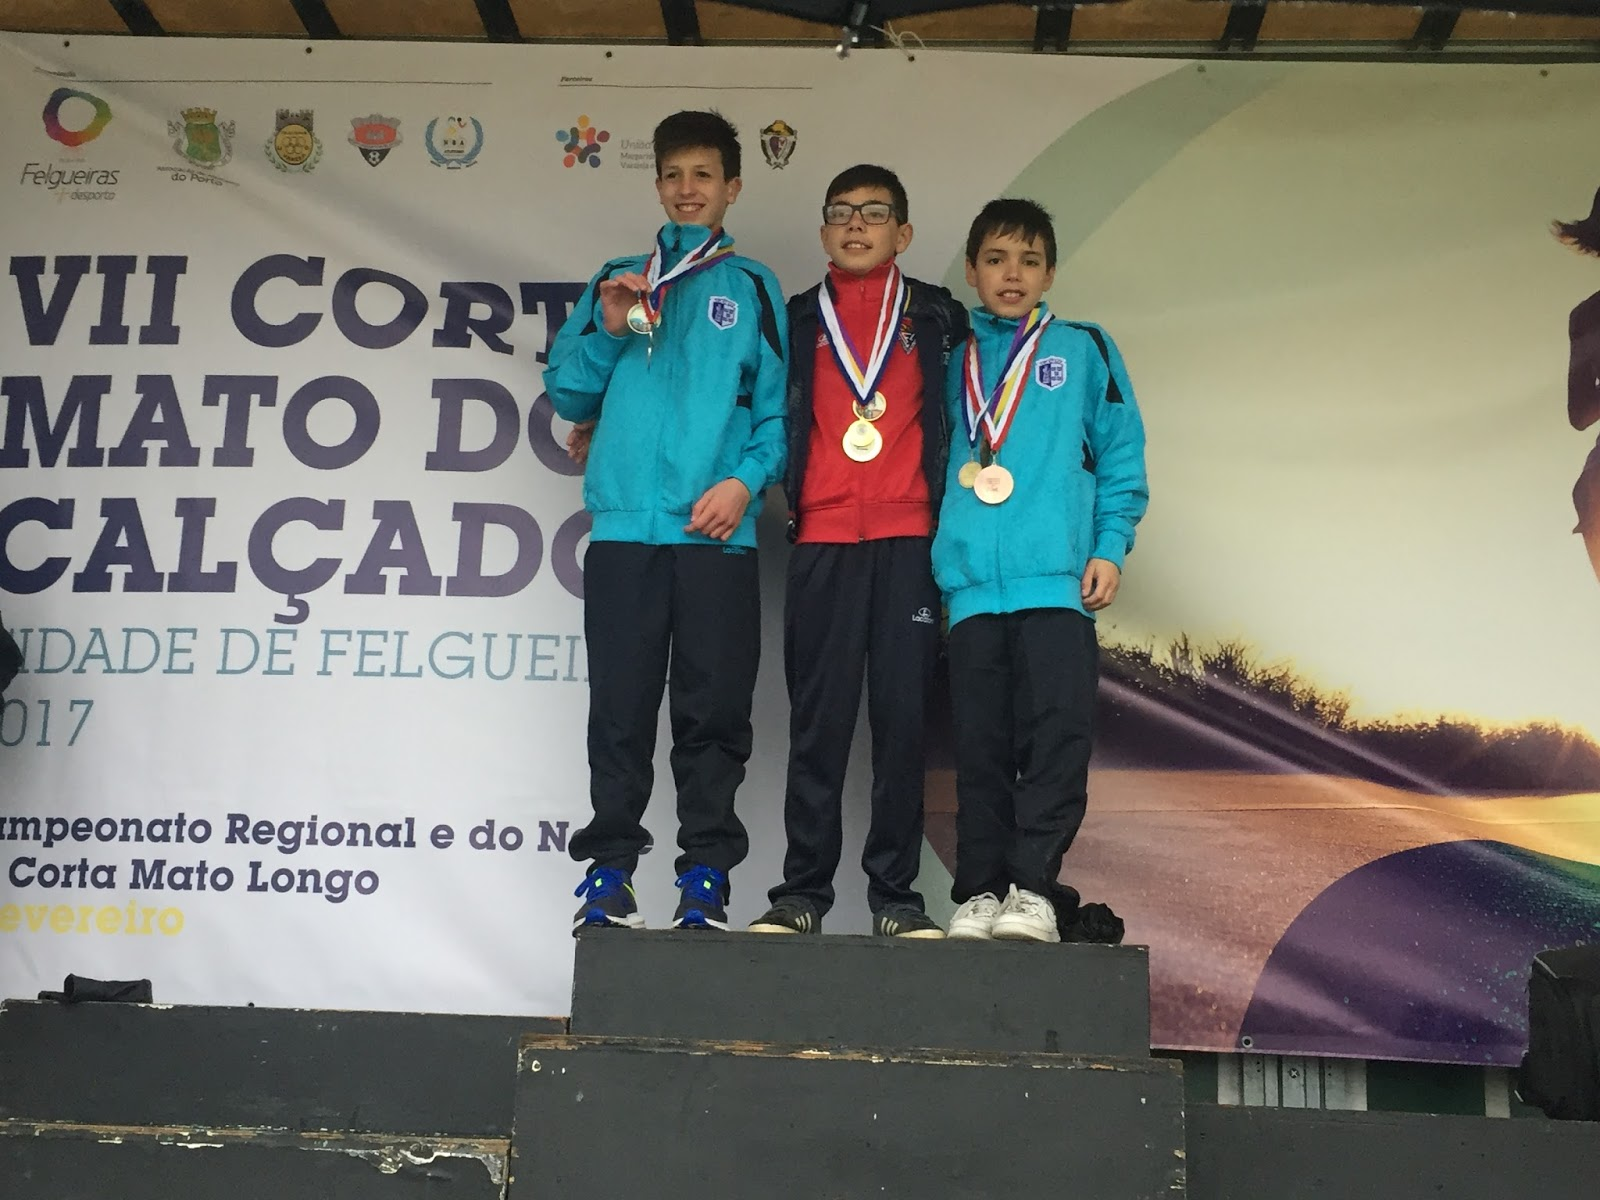 bfa383637 Realizou-se esta tarde o Campeonato do Norte de Corta Mato, inserido no VII Corta  Mato do Calçado, na cidade de Felgueiras. Destaque para os Infantis do ...